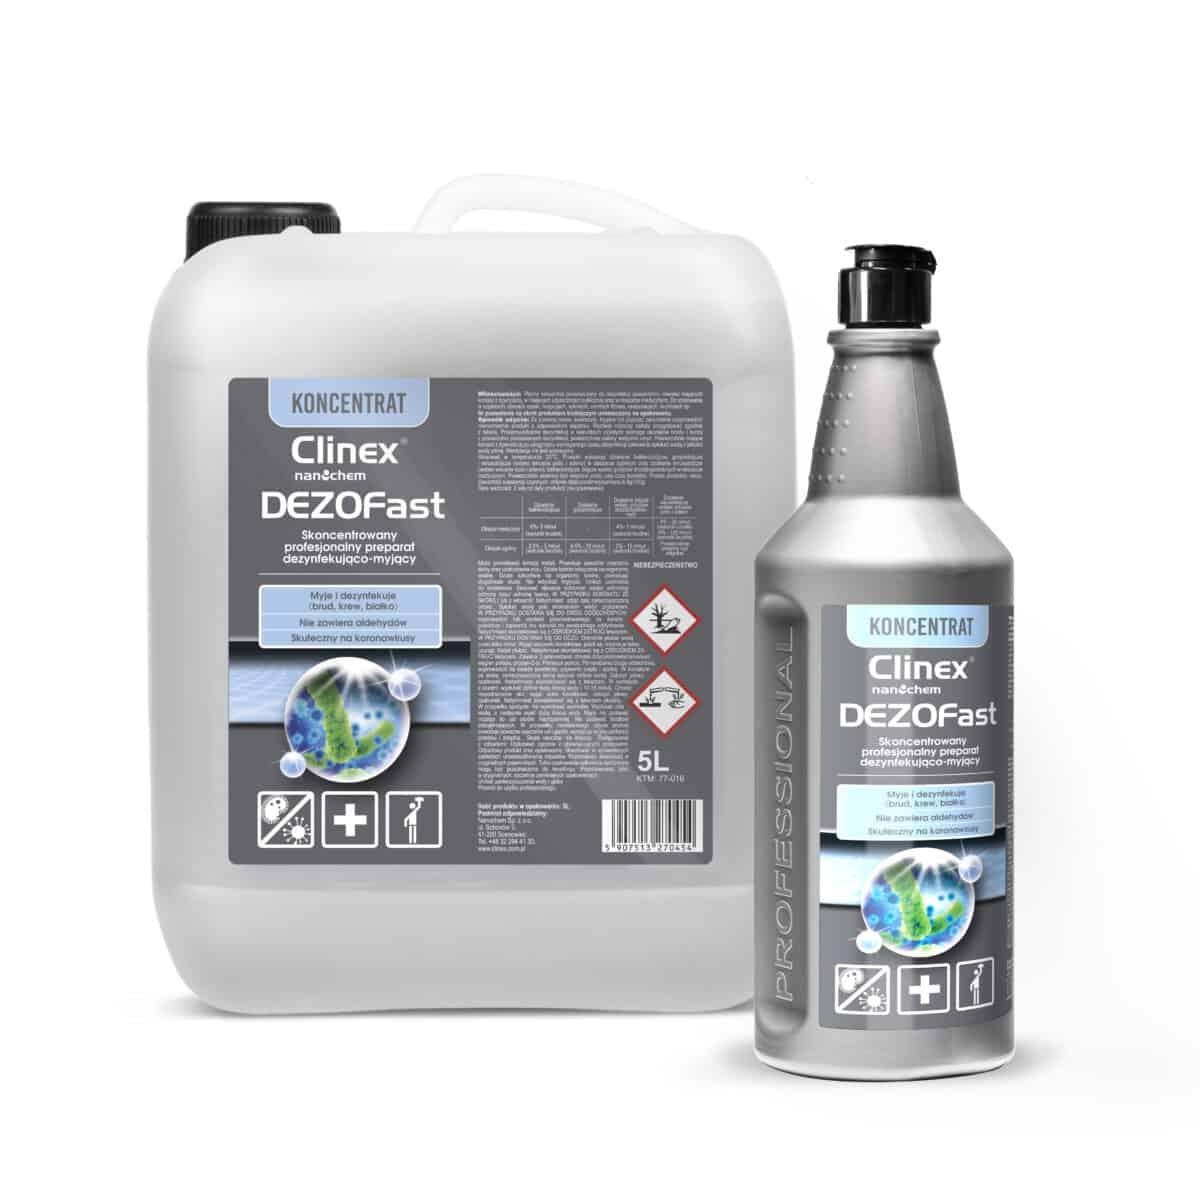 Skoncentrowany, profesjonalny preparat dezynfekujaco-myjacy Clinex DEZOFast